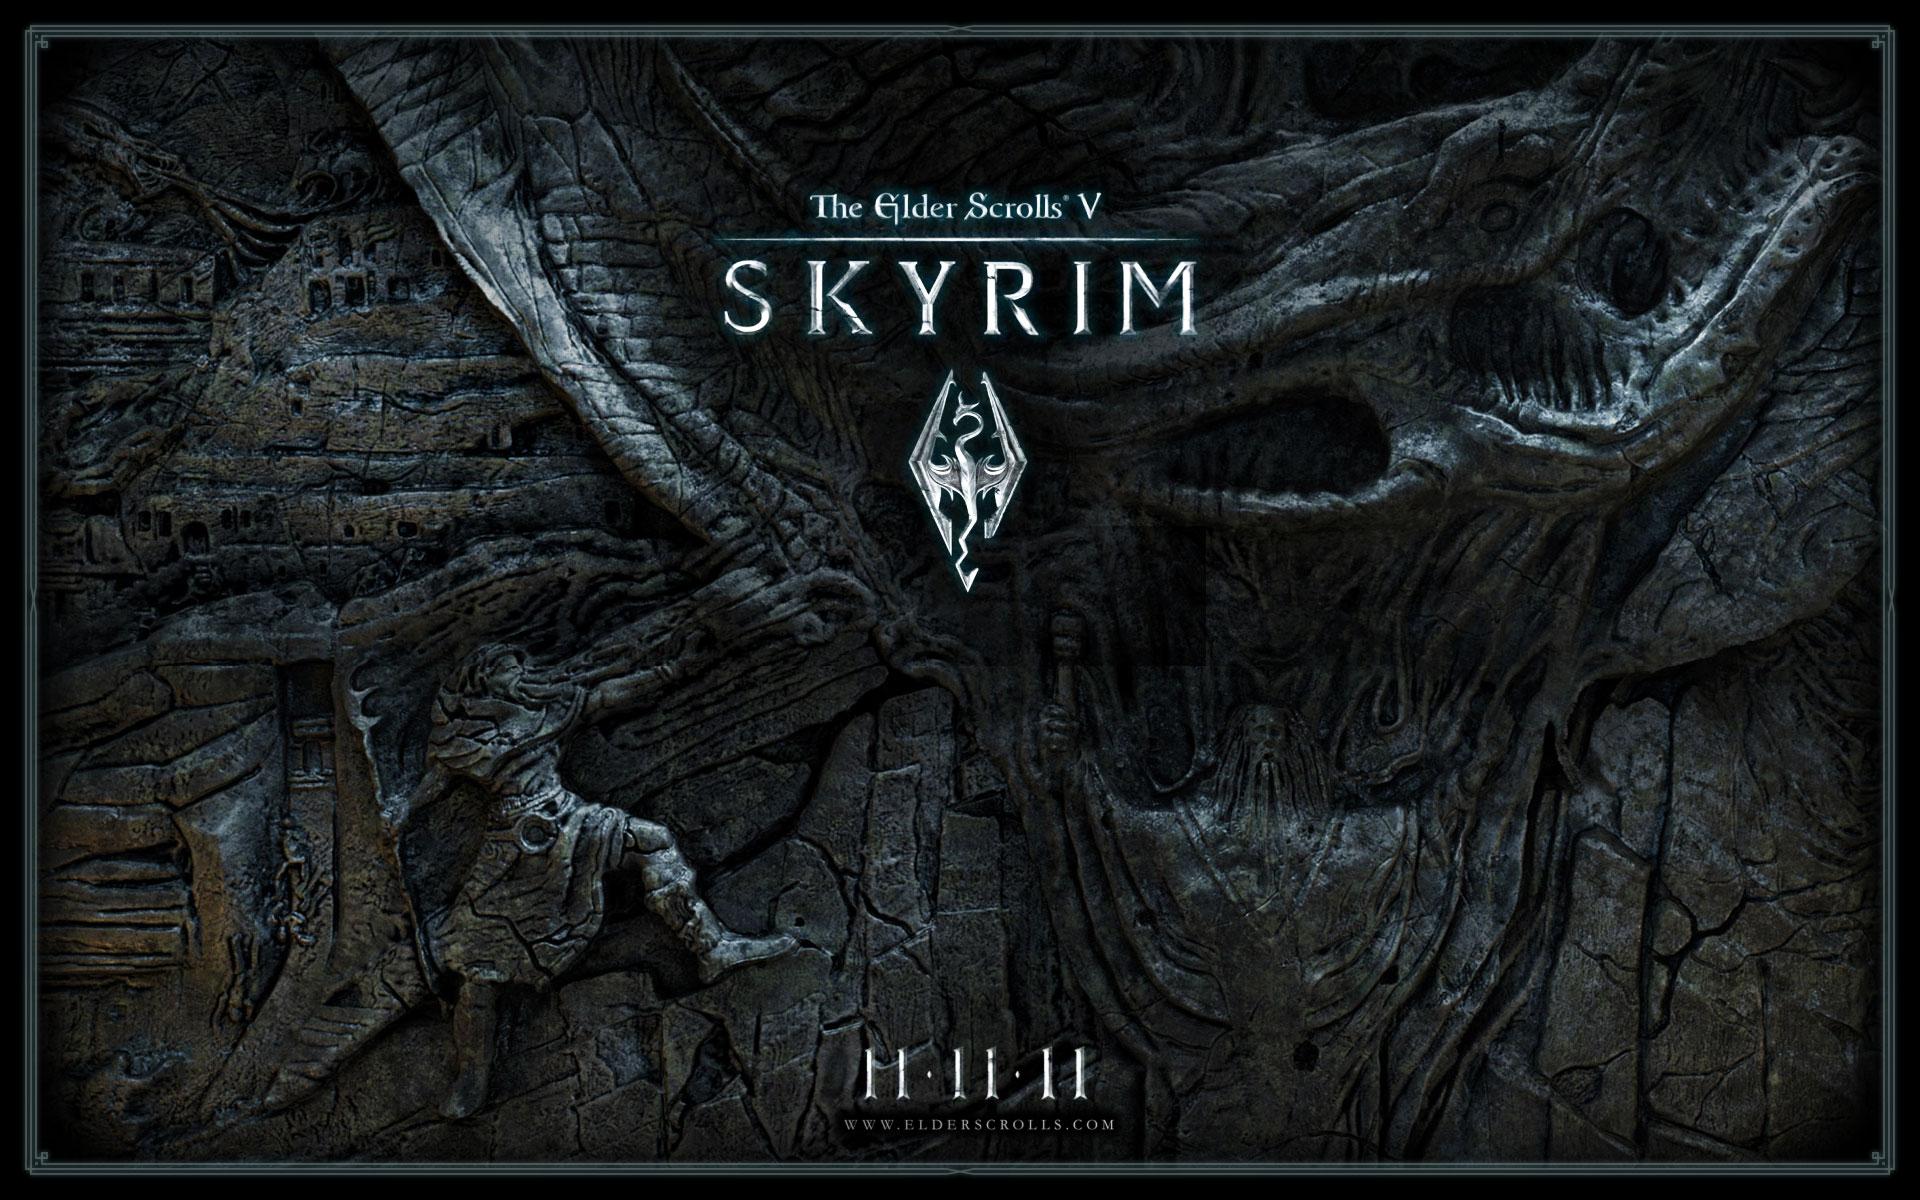 Photo of Edição coleccionador de The Elder Scrolls V: Skyrim